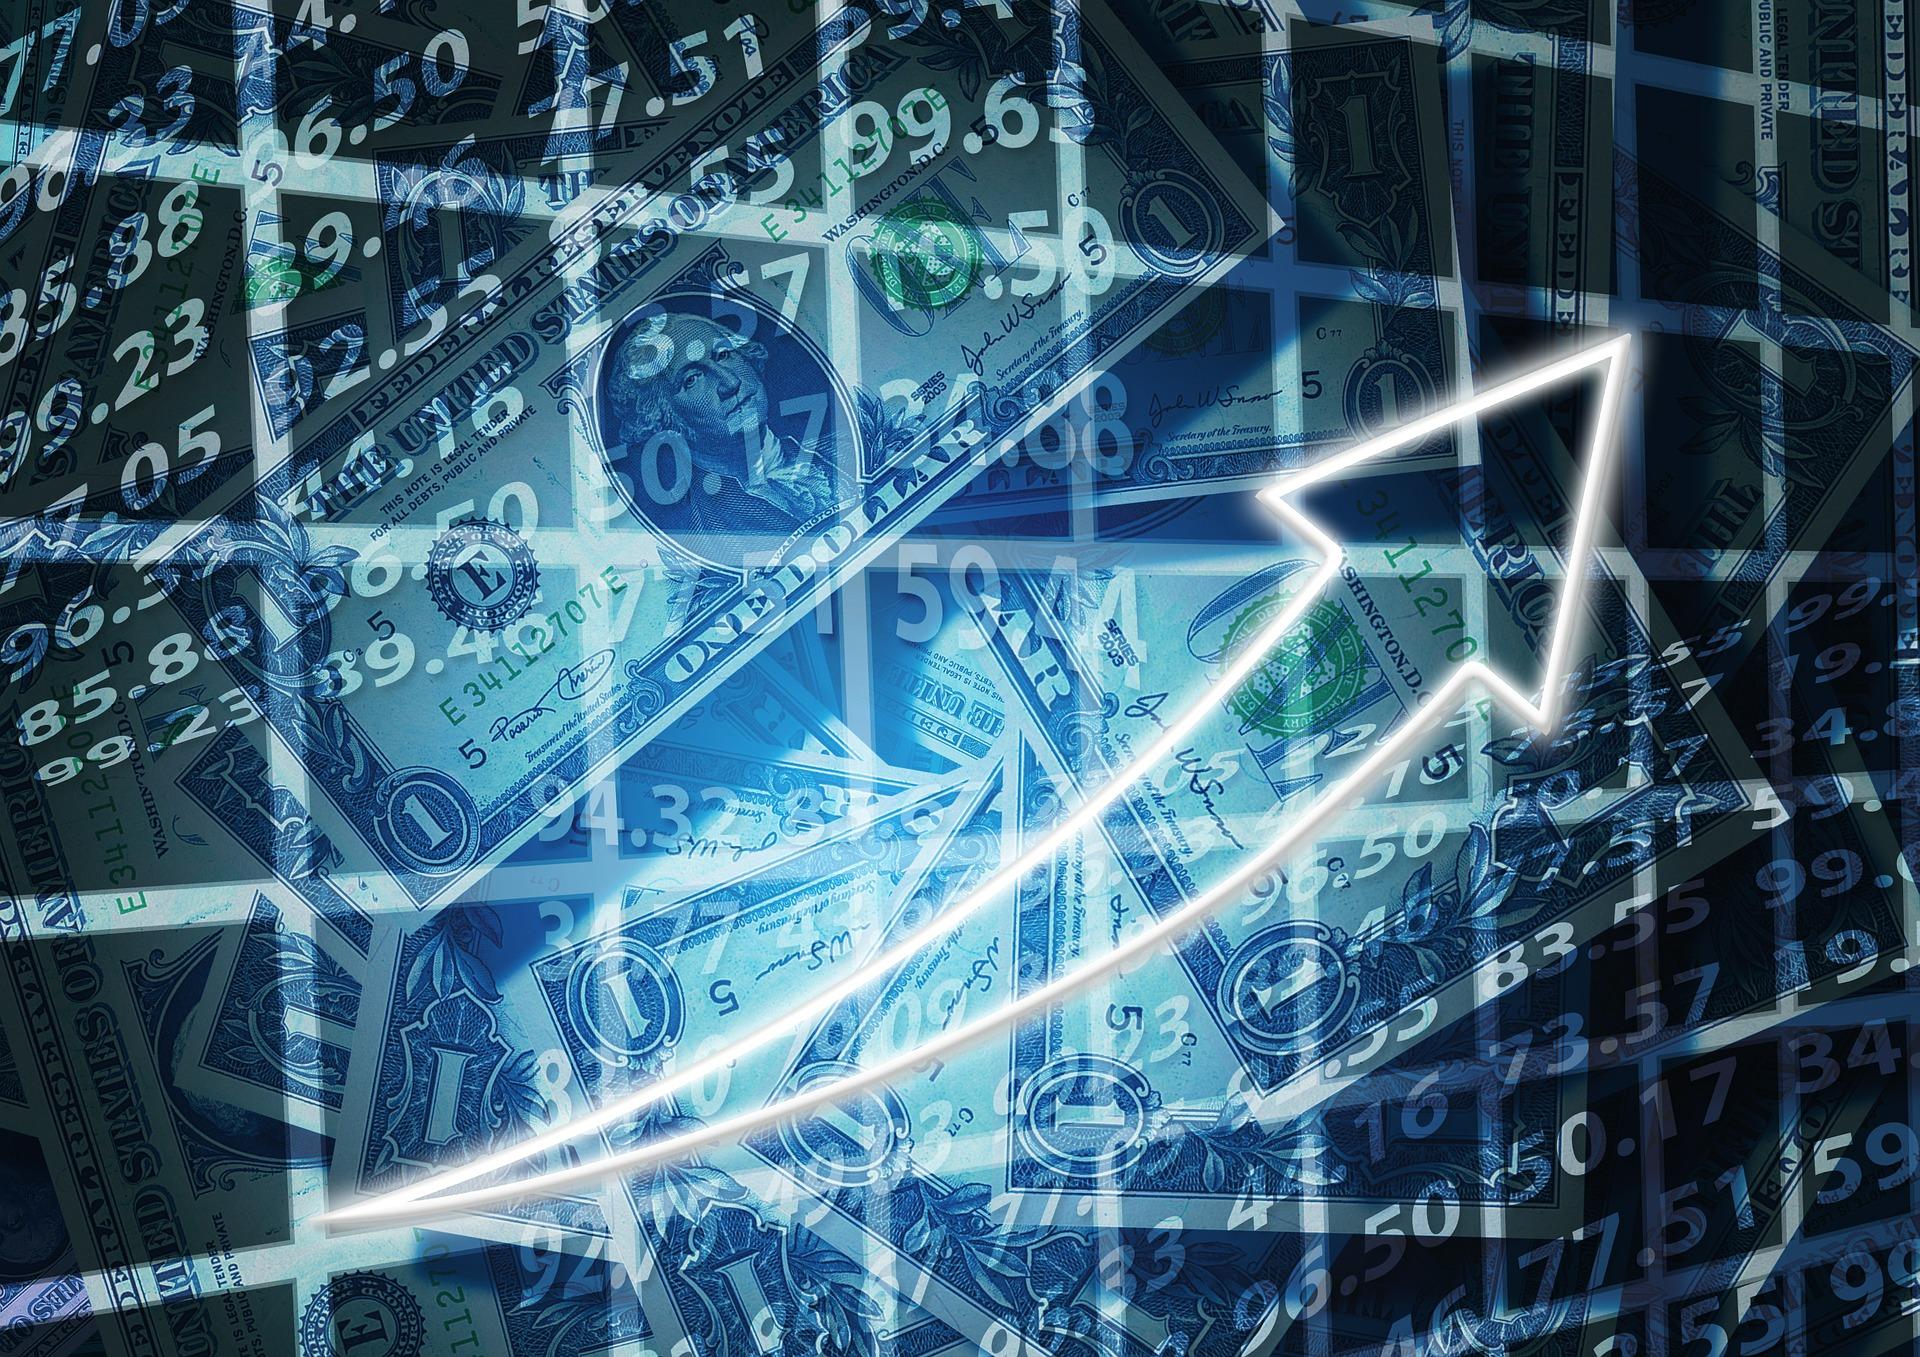 Mercado de capitais tem captação líquida de R$ 450,7 bi em 2019, segundo CVM